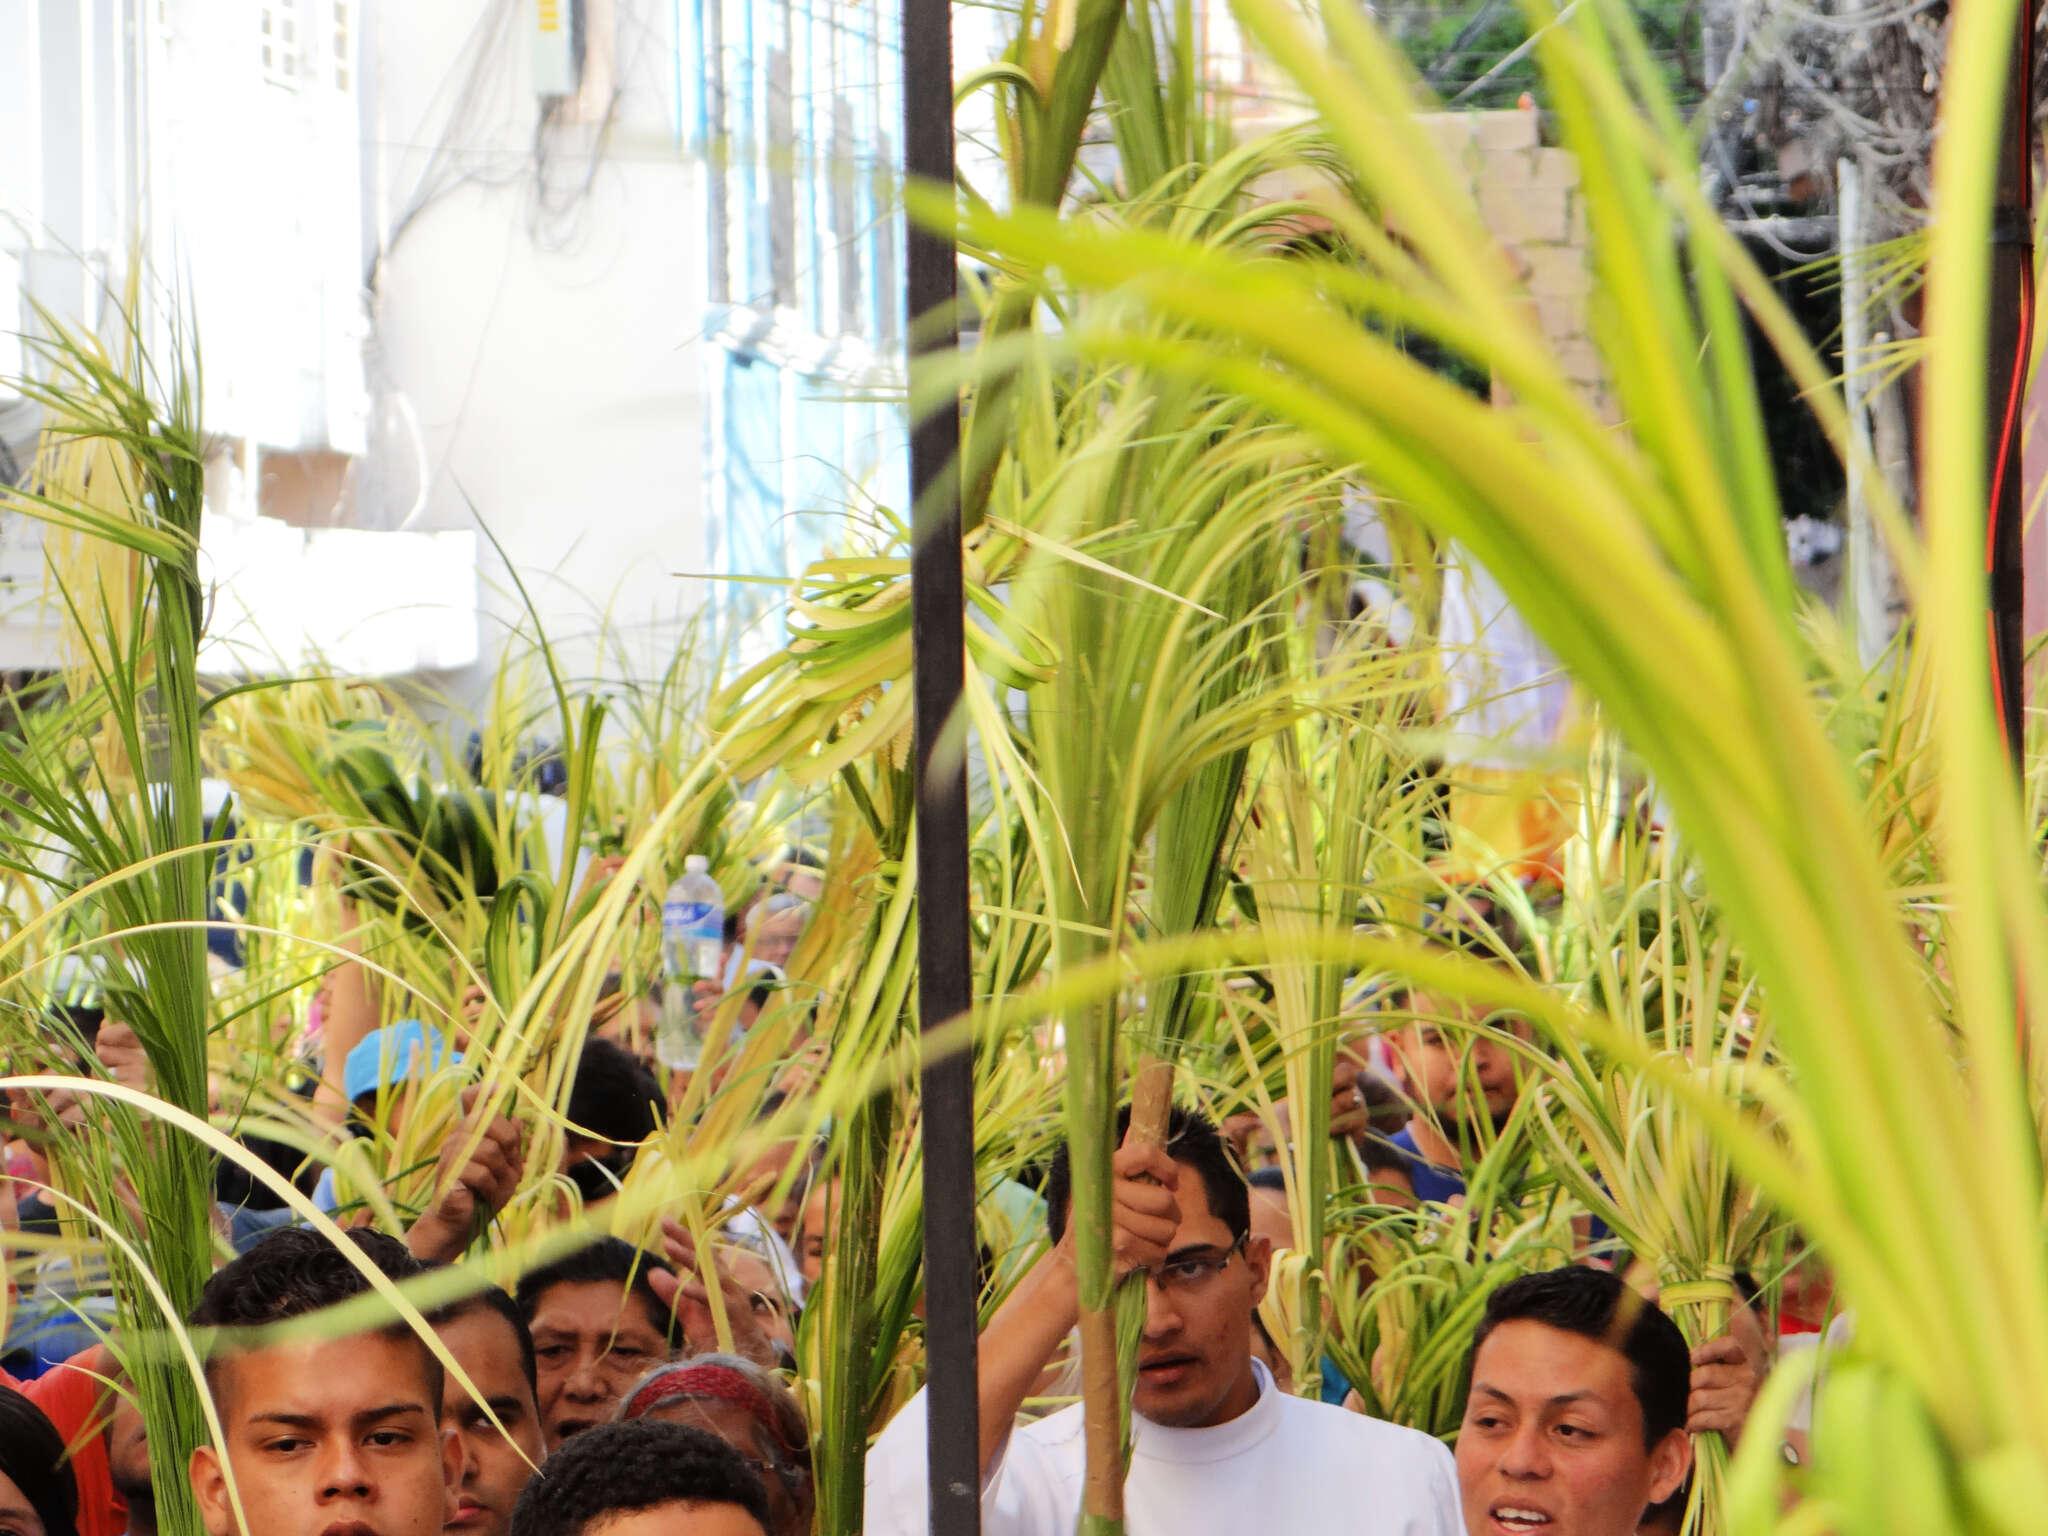 El Domingo de Ramos los cristianos conmemoramos la entrada de Jesús en Jerusalén y con ello comienza la celebración de la Semana Santa.